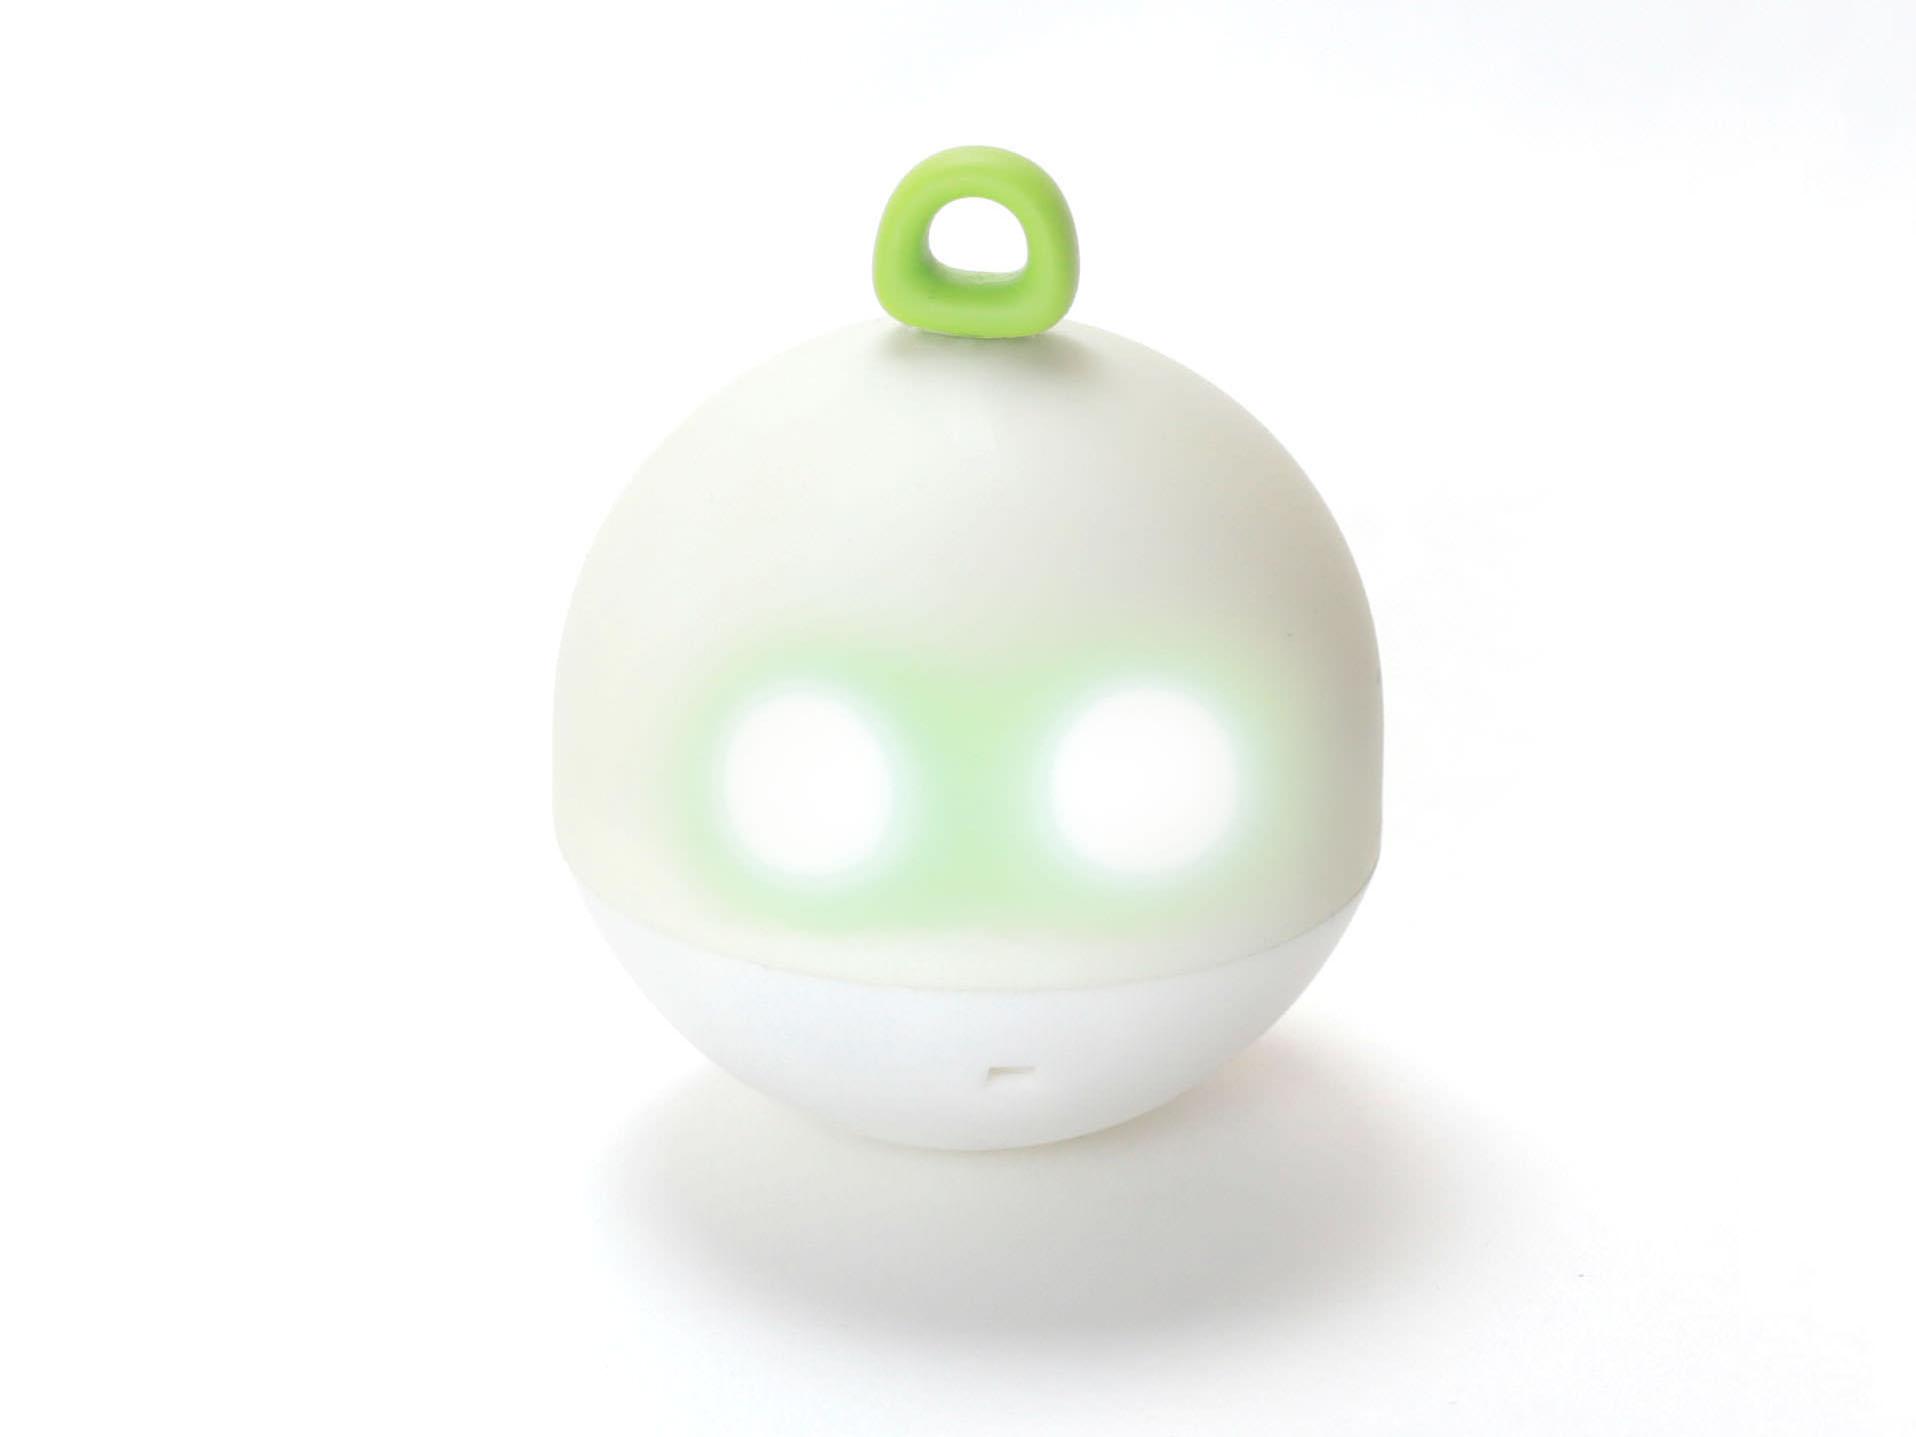 テレプレゼンスロボット